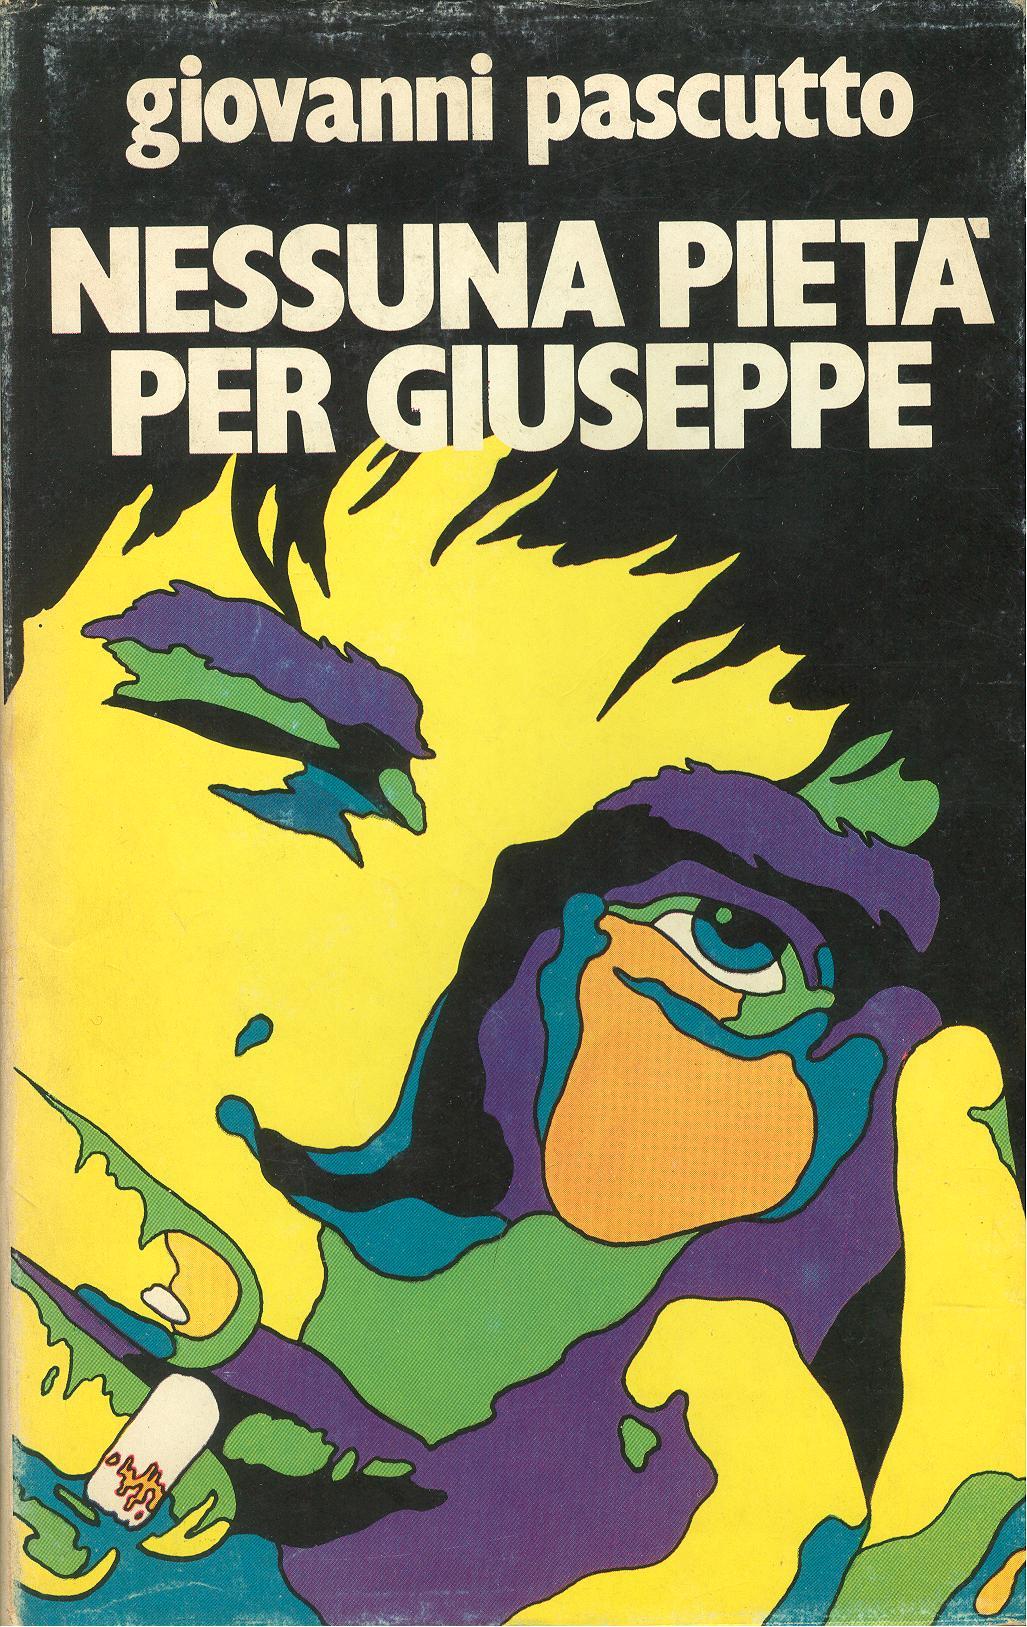 Nessuna pietà per Giuseppe